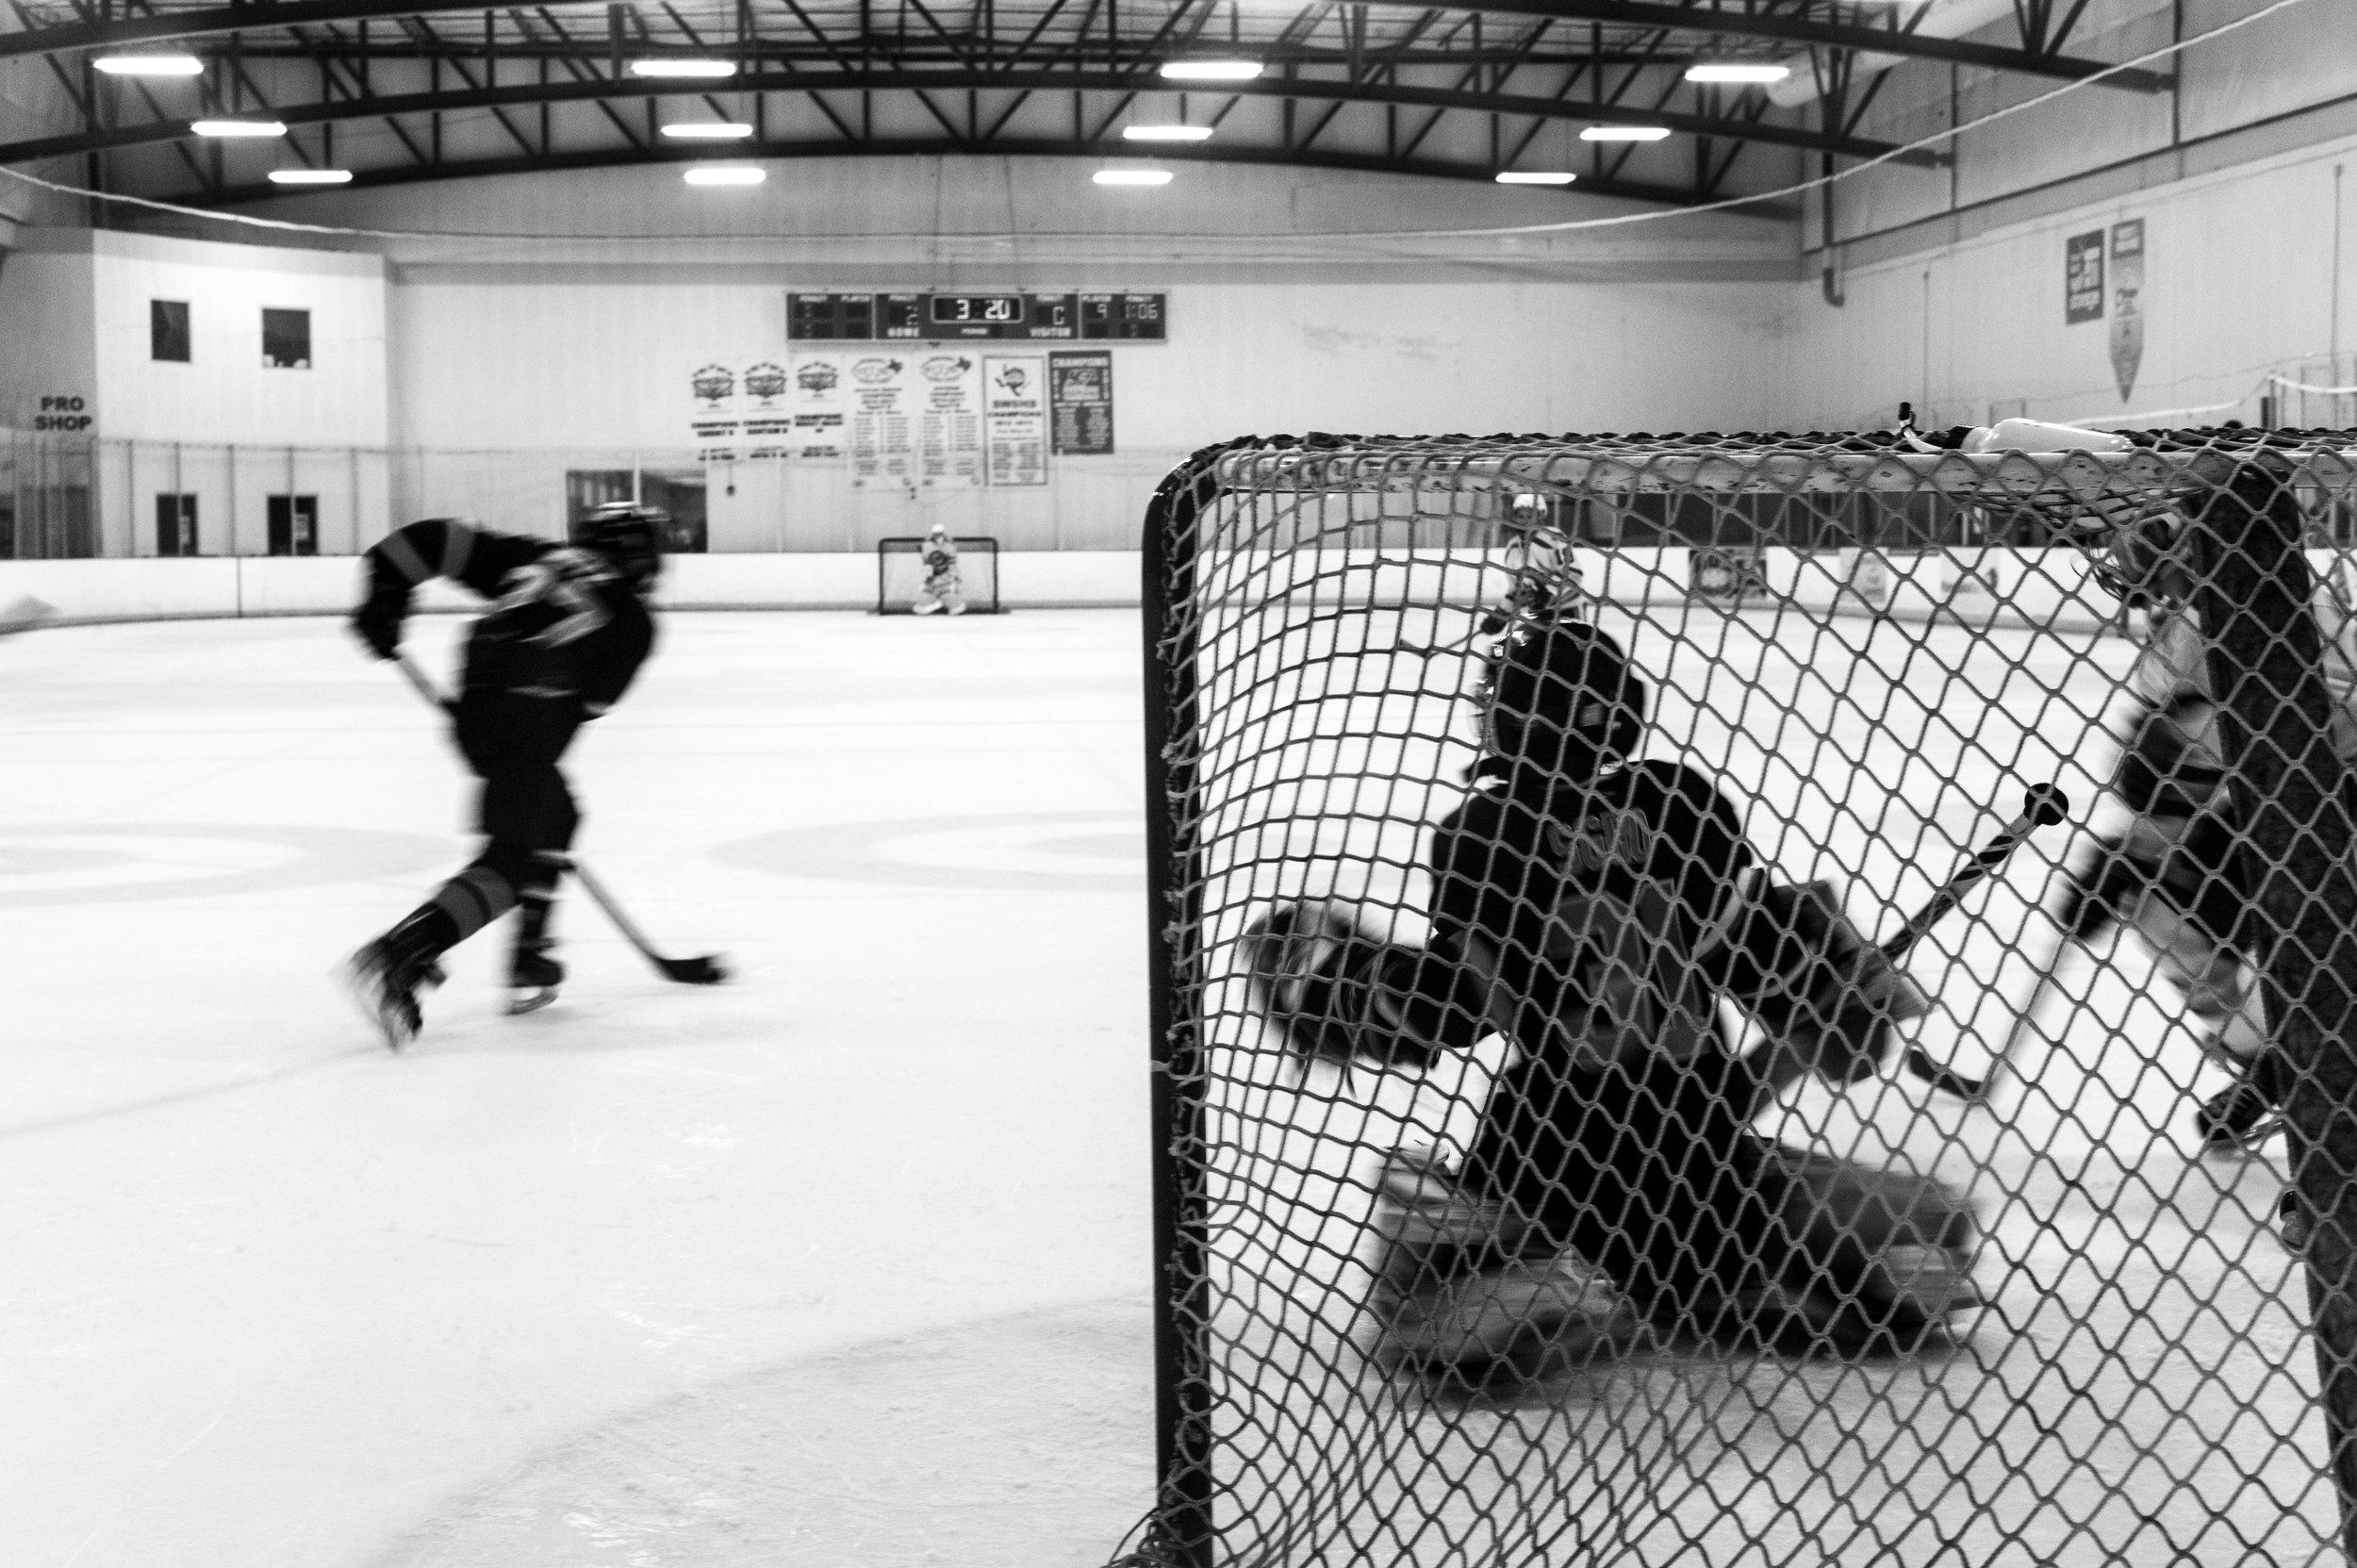 ice_hockey-029.jpg